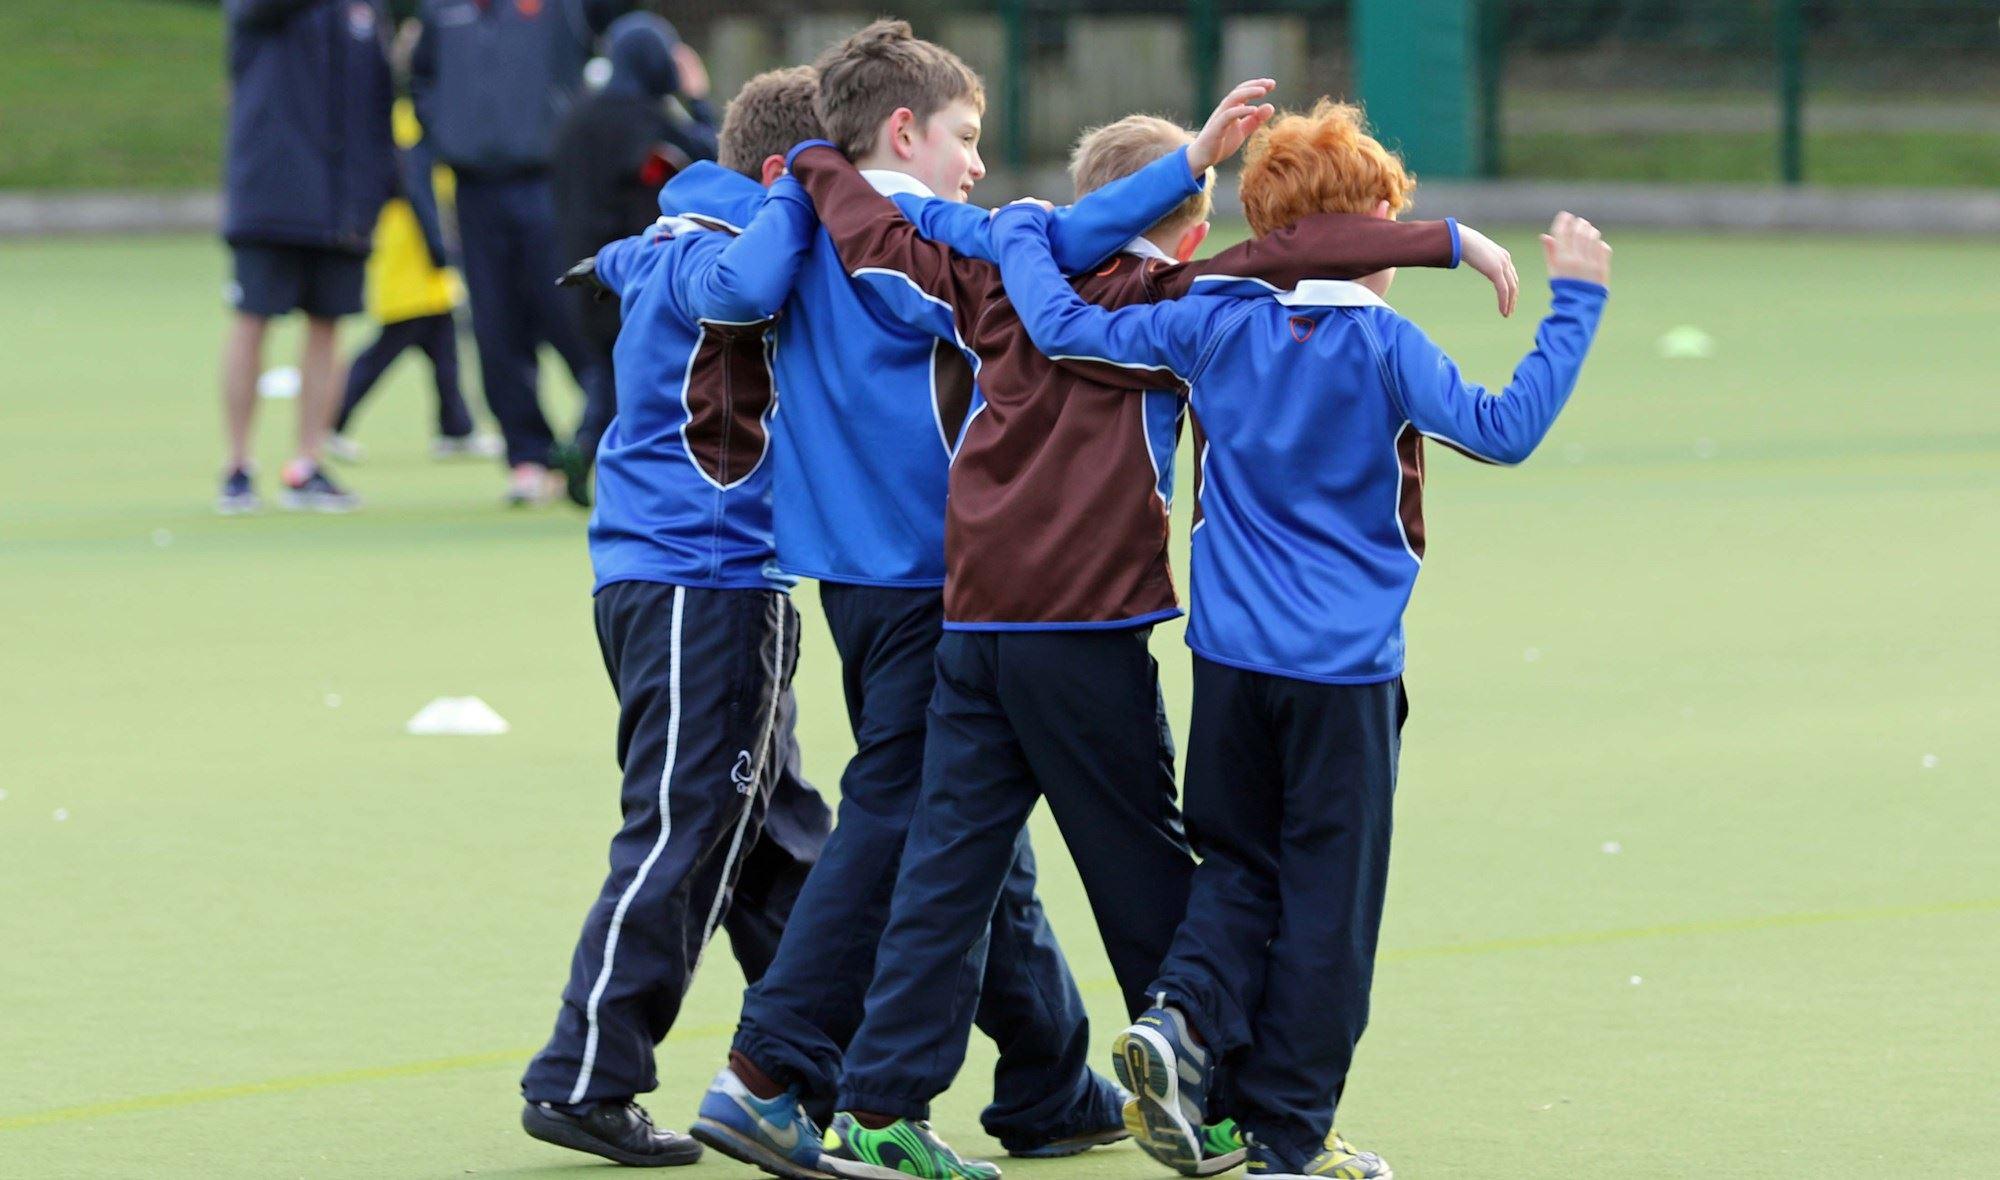 Prep sport fixtures